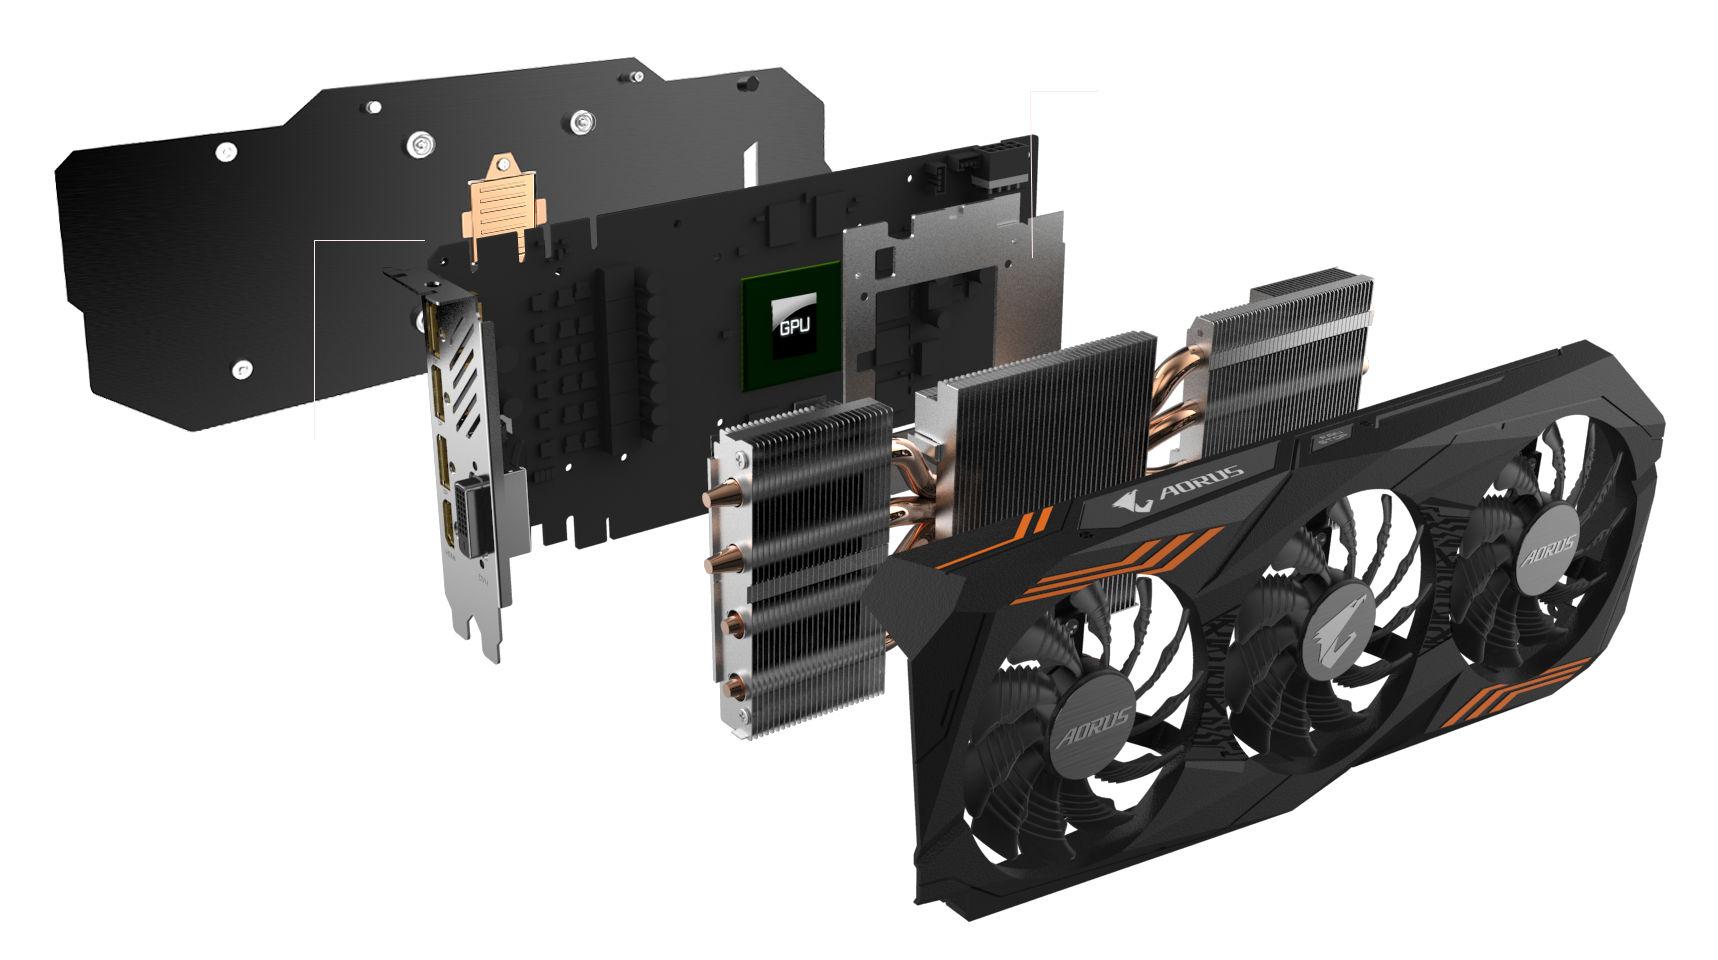 Gigabyte launches Aorus GeForce GTX 1070 Ti (GV-N107TAORUS-8GD)